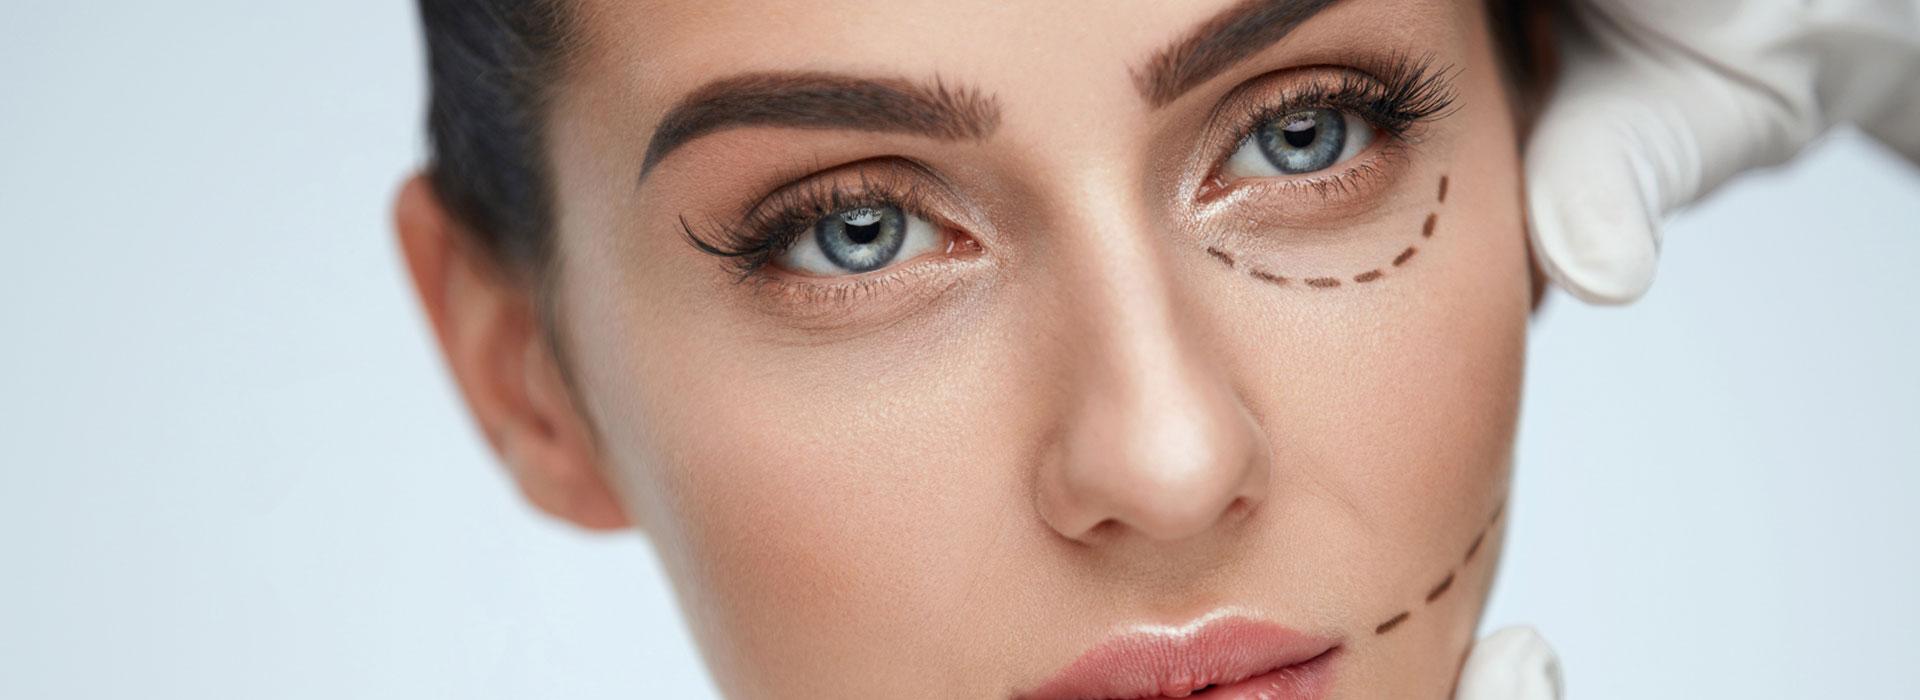 Cosmetic Eyelid Correction